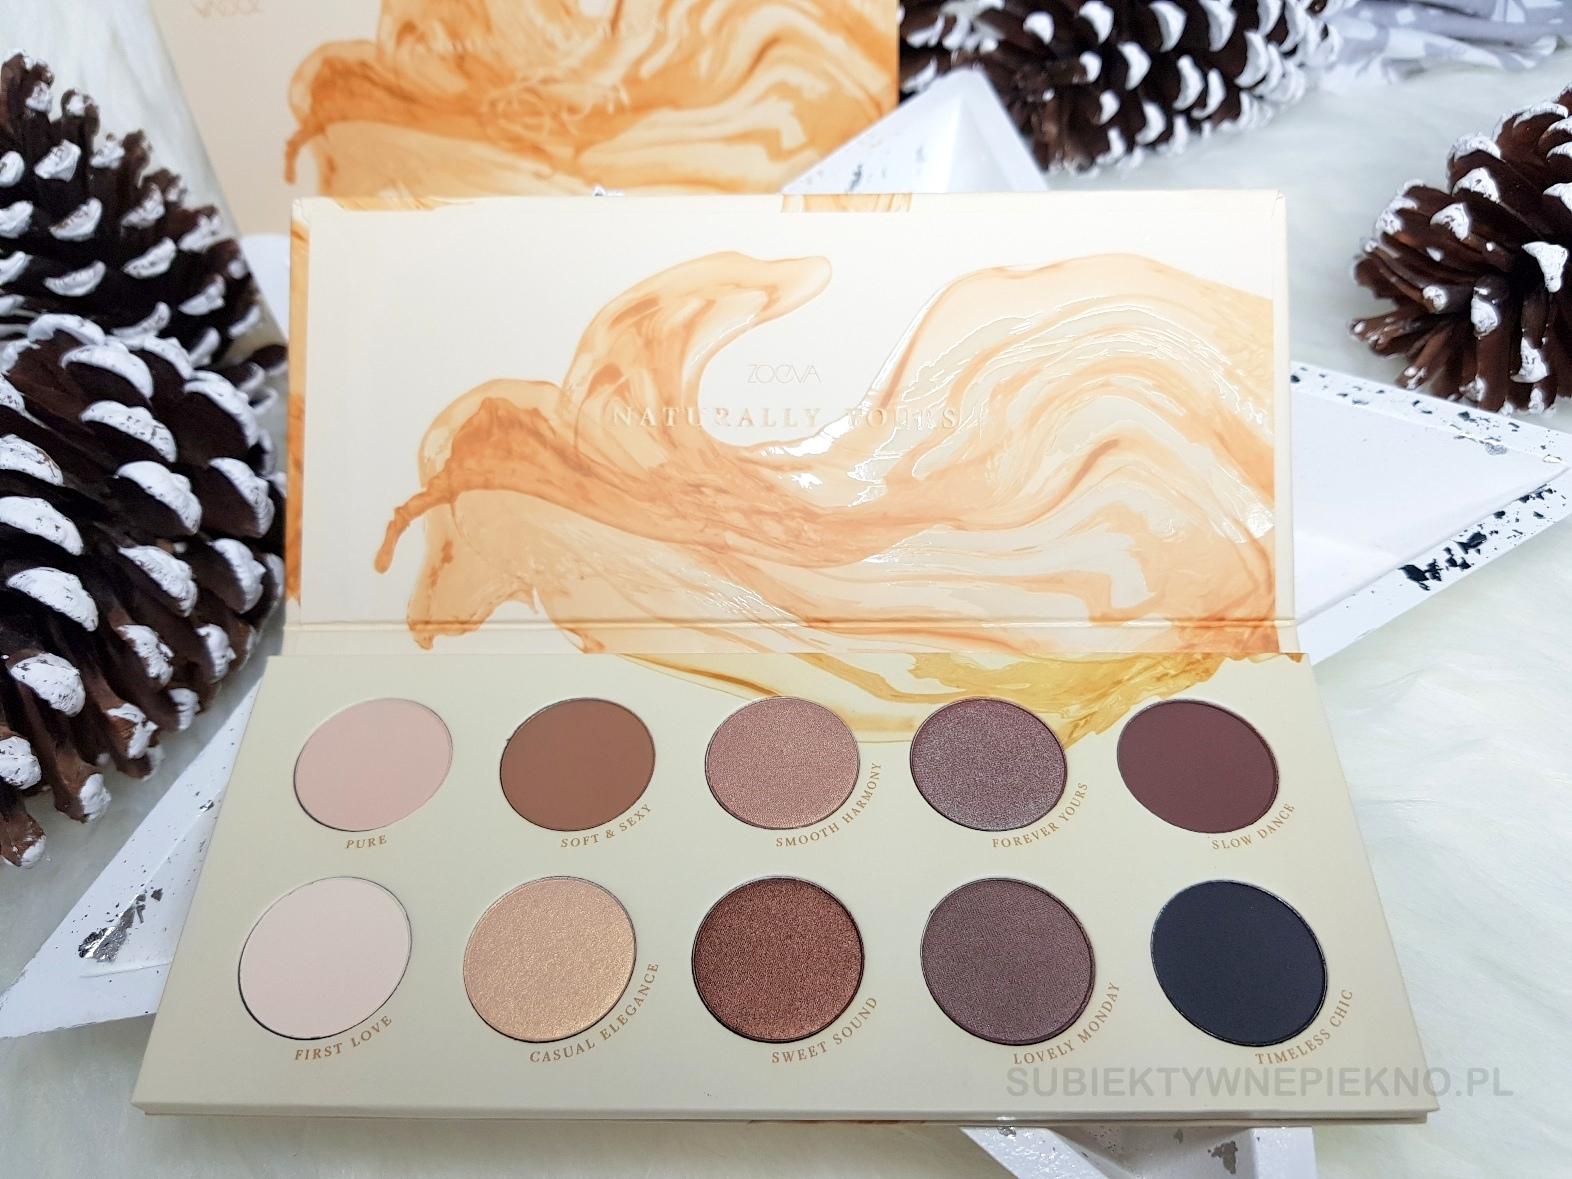 Pomysły na prezenty świąteczne do 100zł - paleta cieni Zoeva Naturally Yours